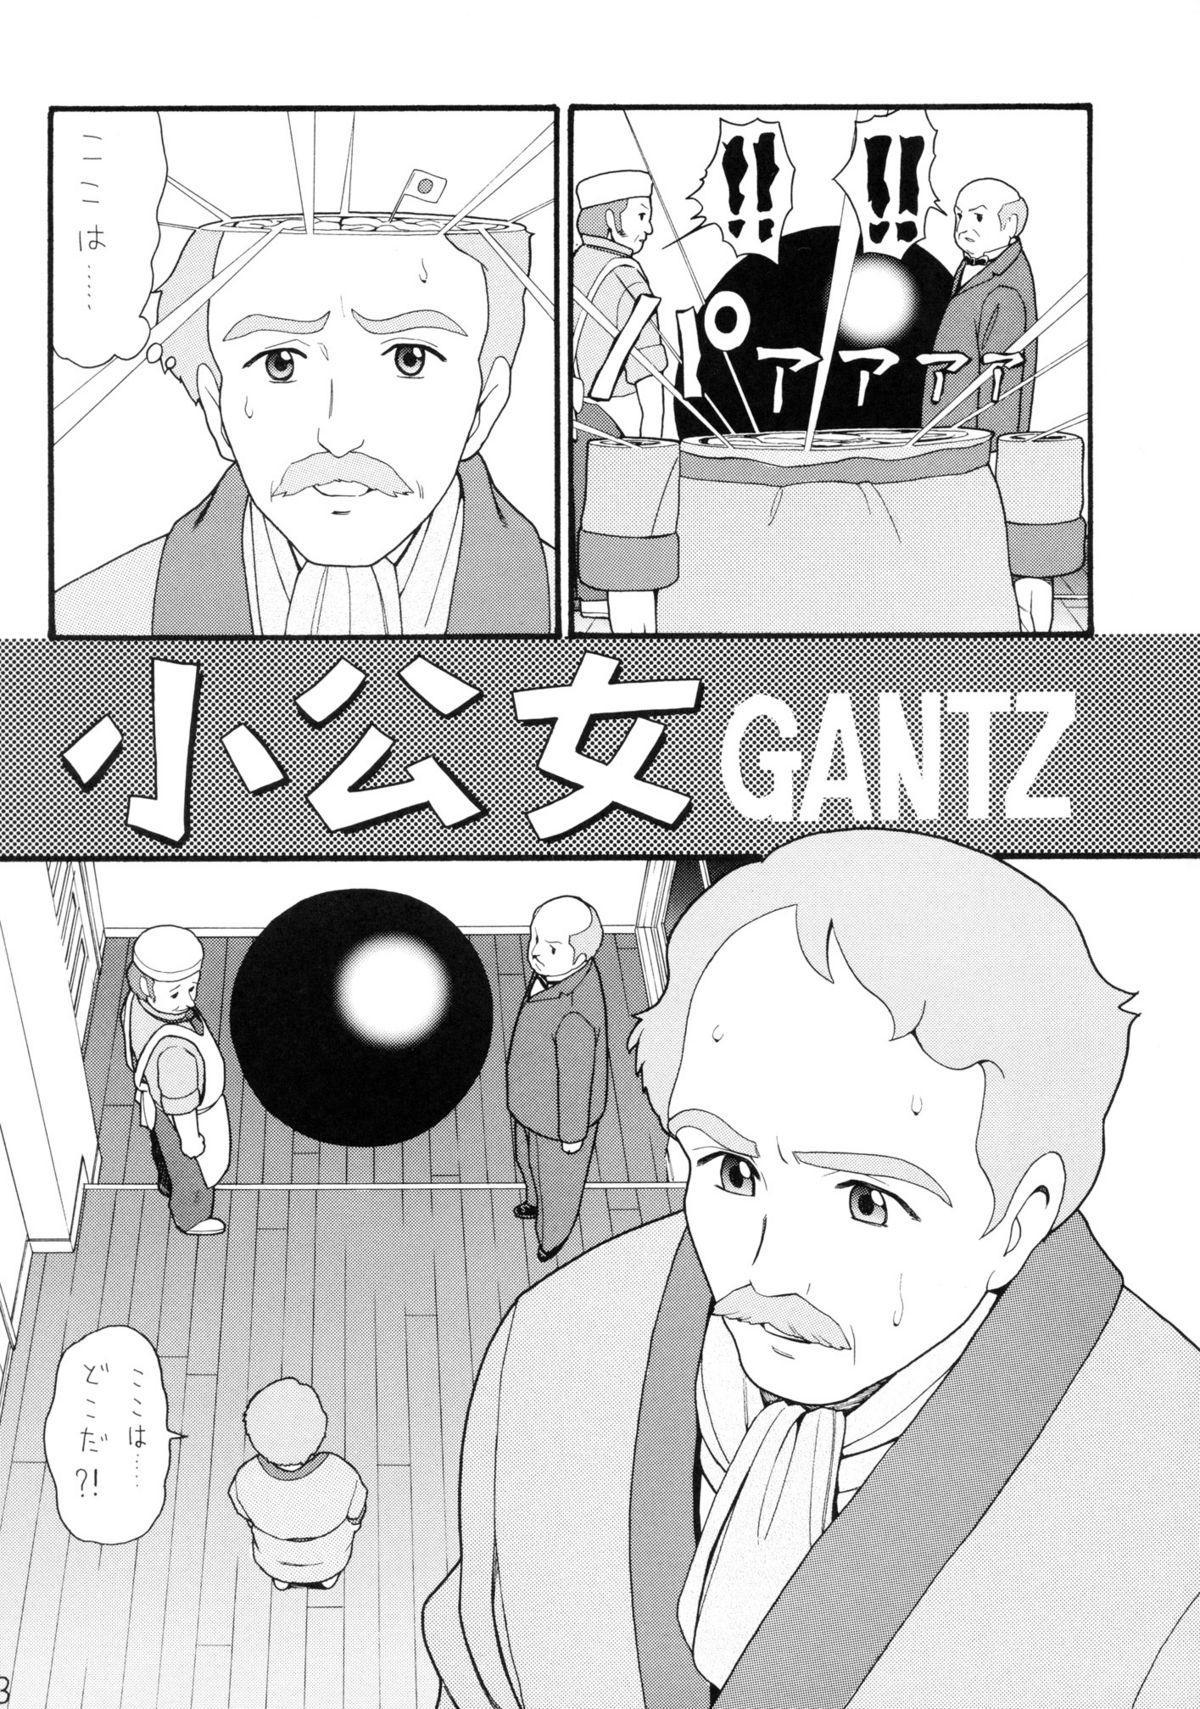 Hatch & Zukki no Sekai Meisaku Gekijou 5 2